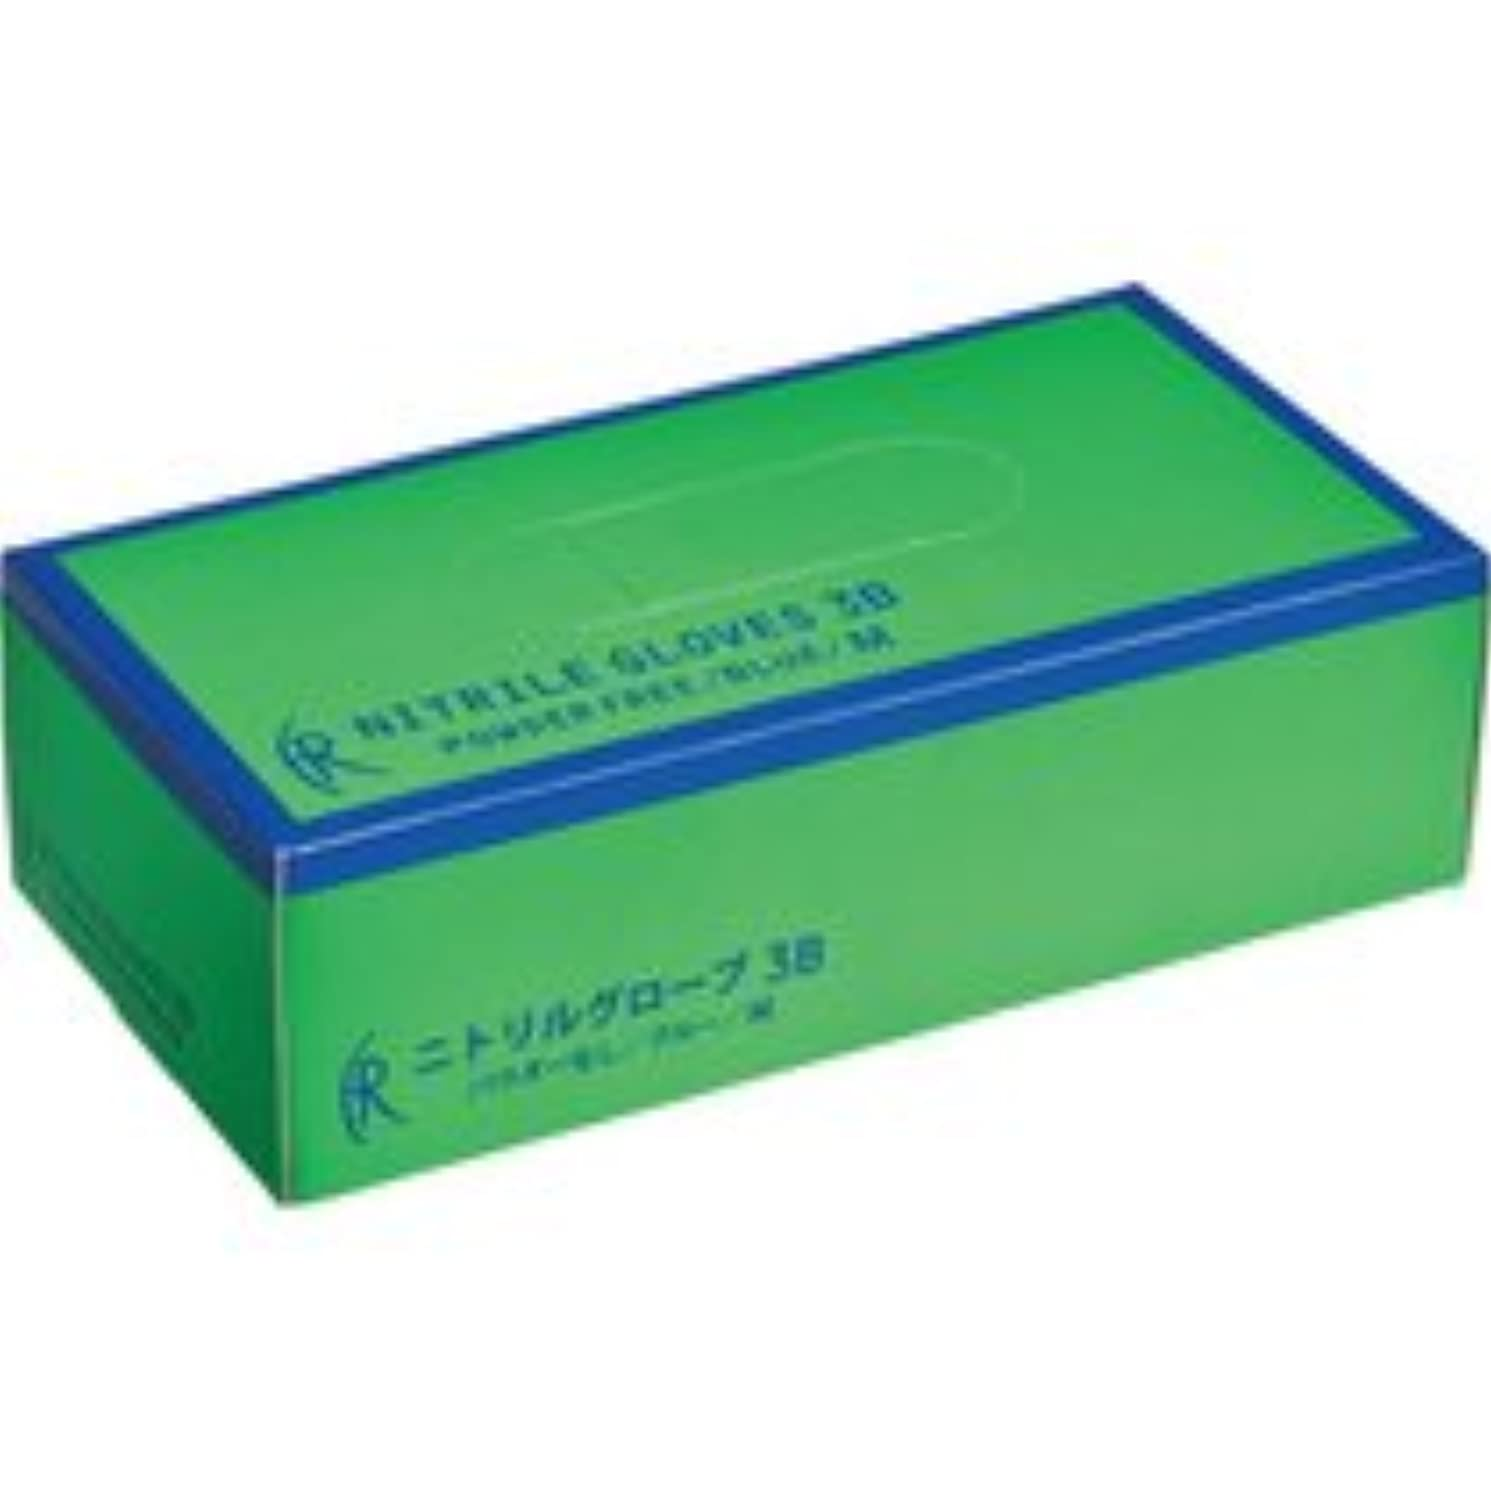 ポスト印象派業界感謝しているファーストレイト ニトリルグローブ3B パウダーフリー M FR-5662 1セット(2000枚:200枚×10箱)